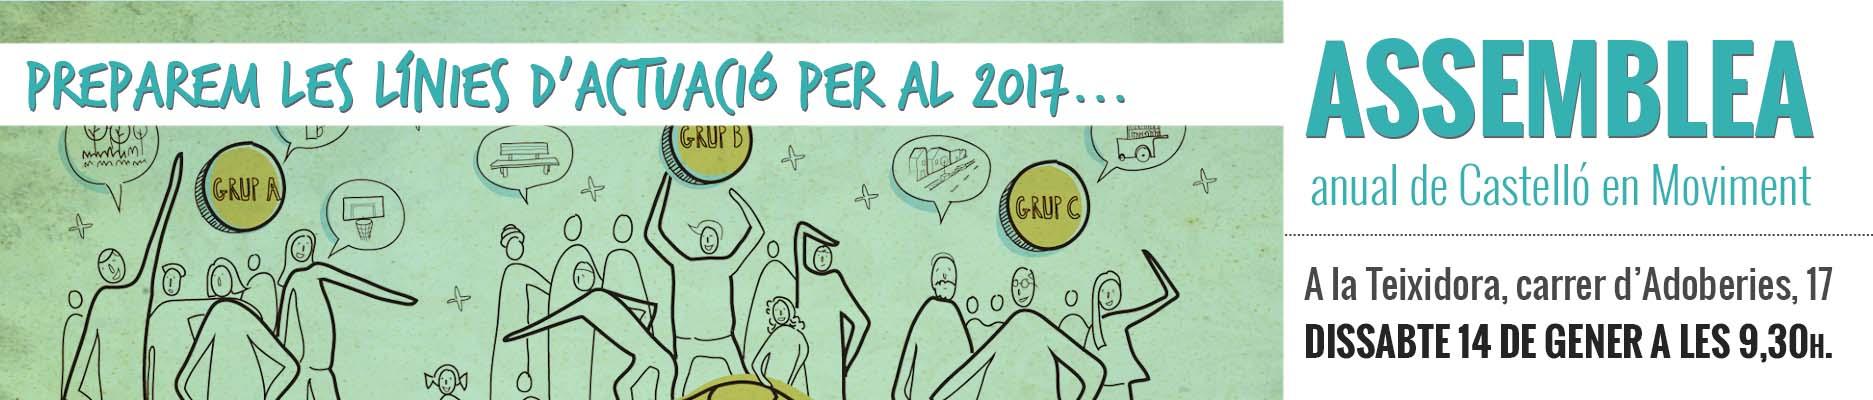 Prioritzem En Assemblea Les Nostres Línies De Treball Per Al 2017